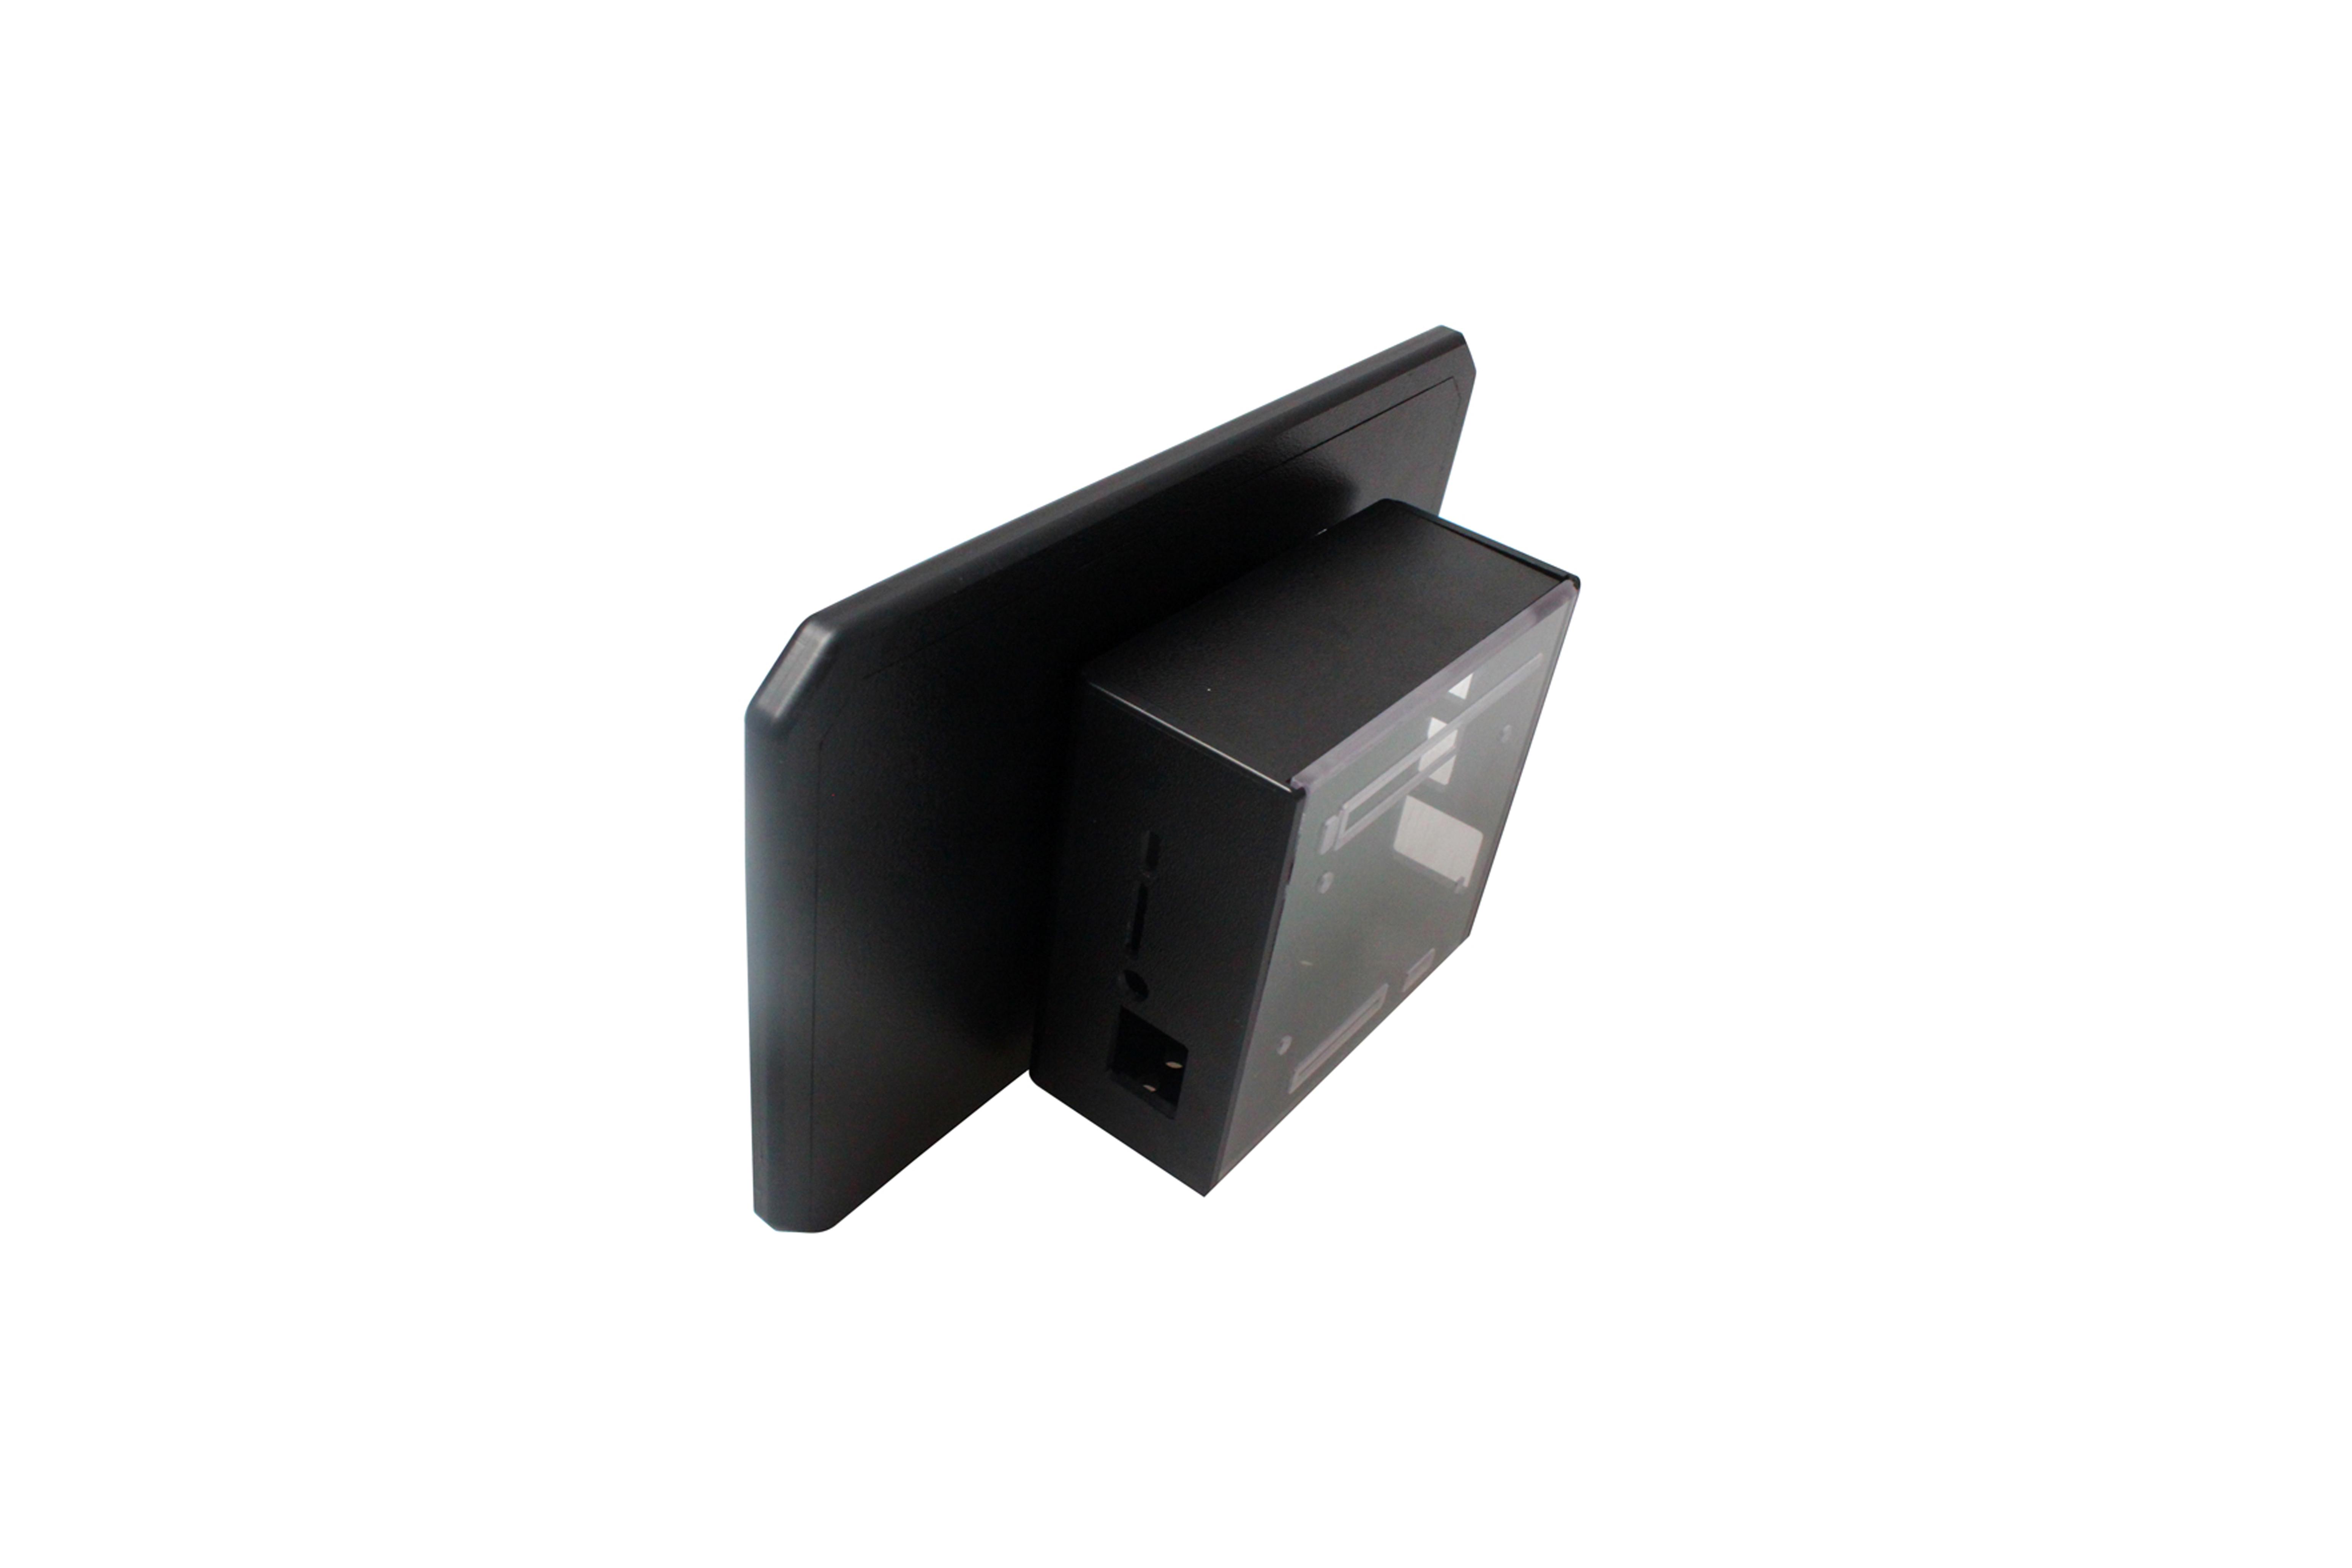 LattePanda Platinen-Gehäuse und Bildschirm - schwarz